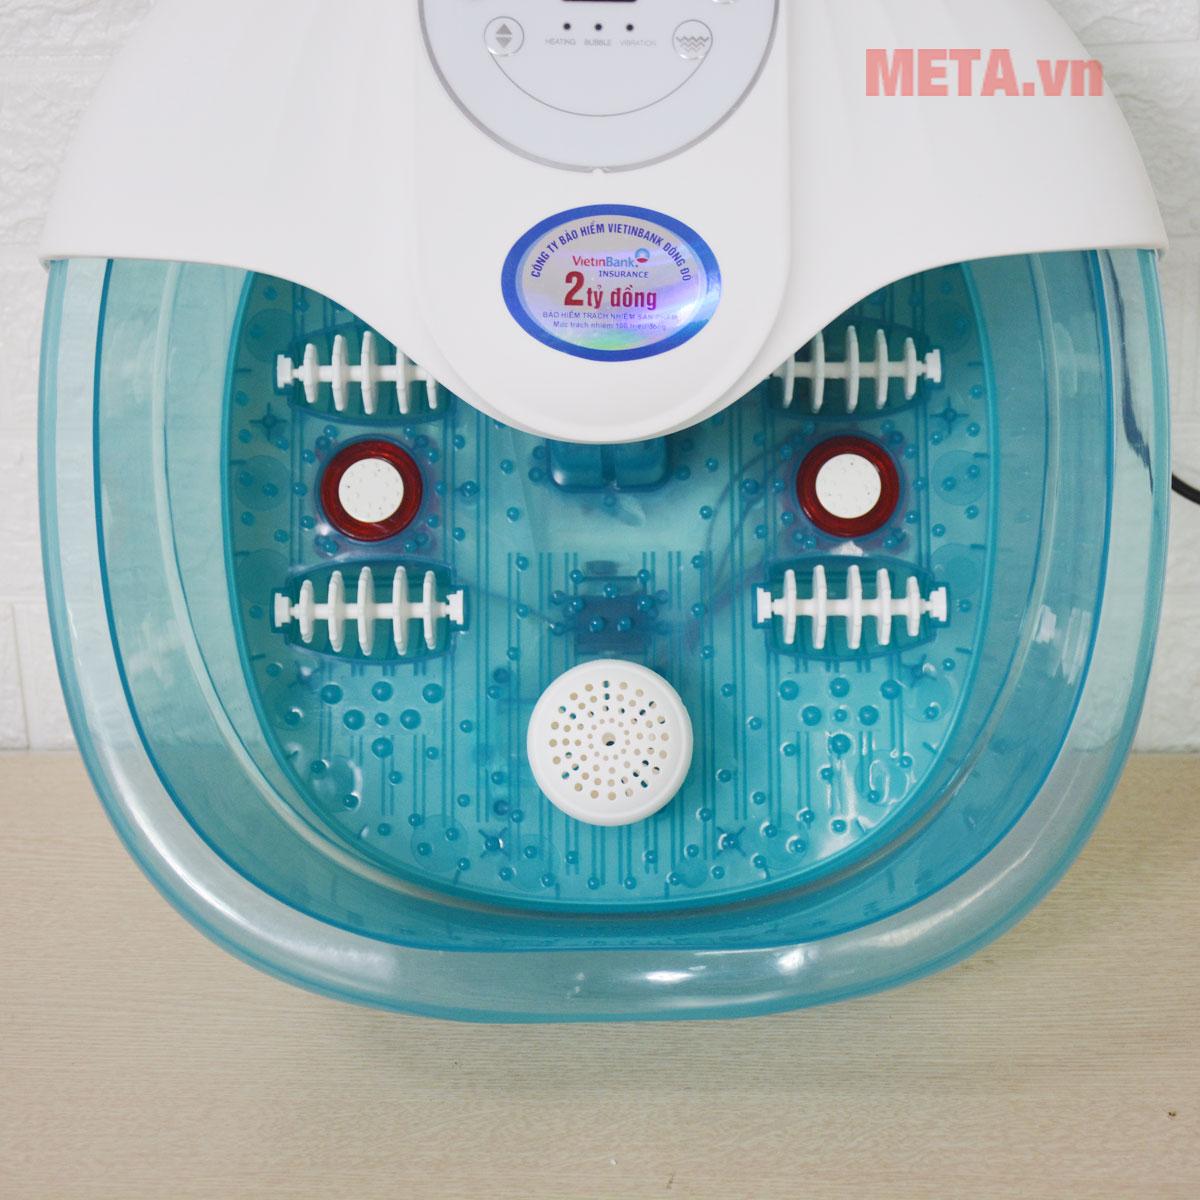 Bồn massage chân sử dụng chất liệu nhựa cao cấp chịu được va đập thông thường